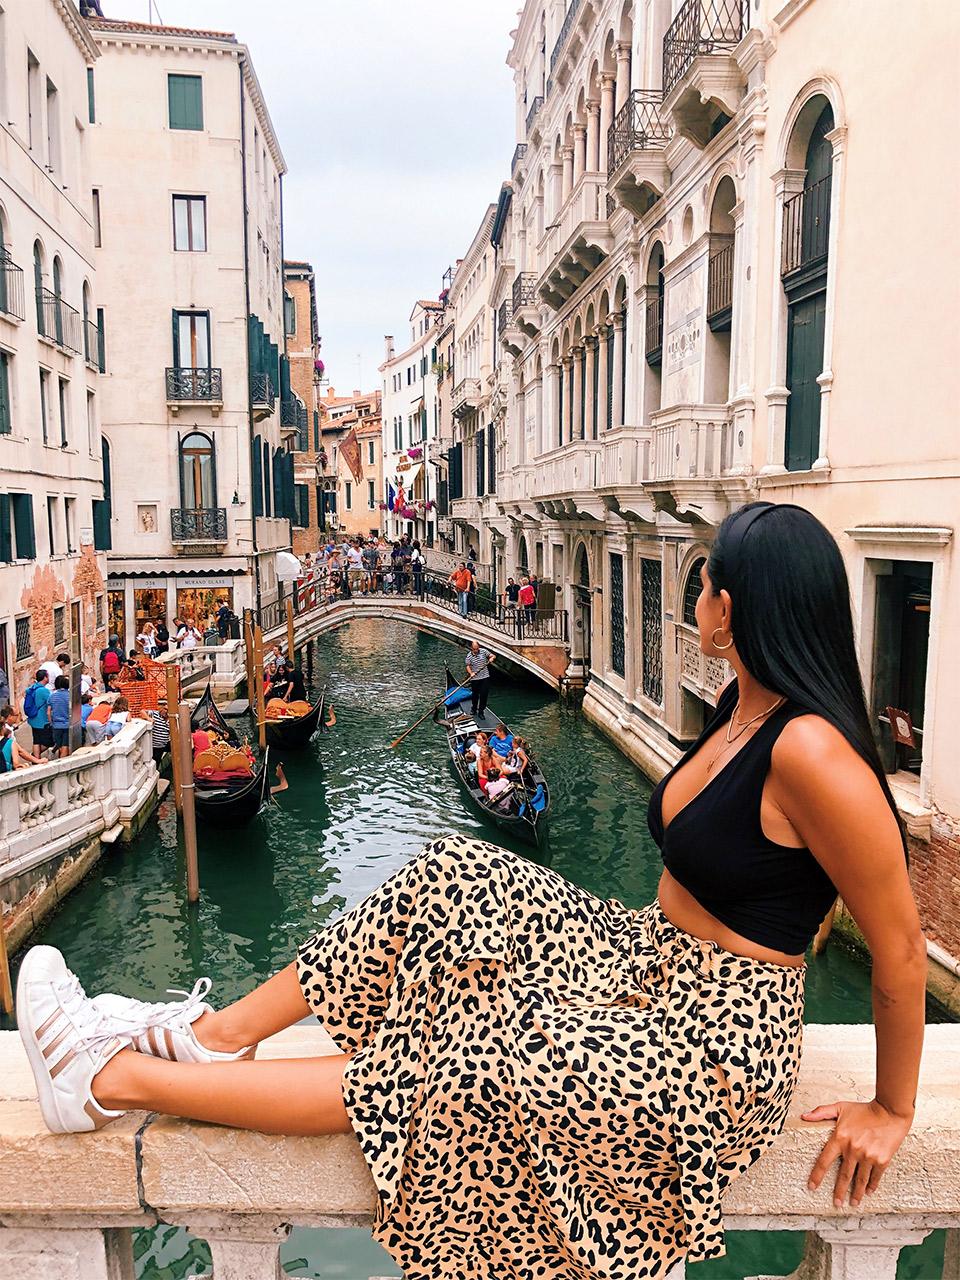 Que-hacer-en-Venecia,-ideas-de-fotos-en-Venecia,-tips-para-viajar-a-Venecia